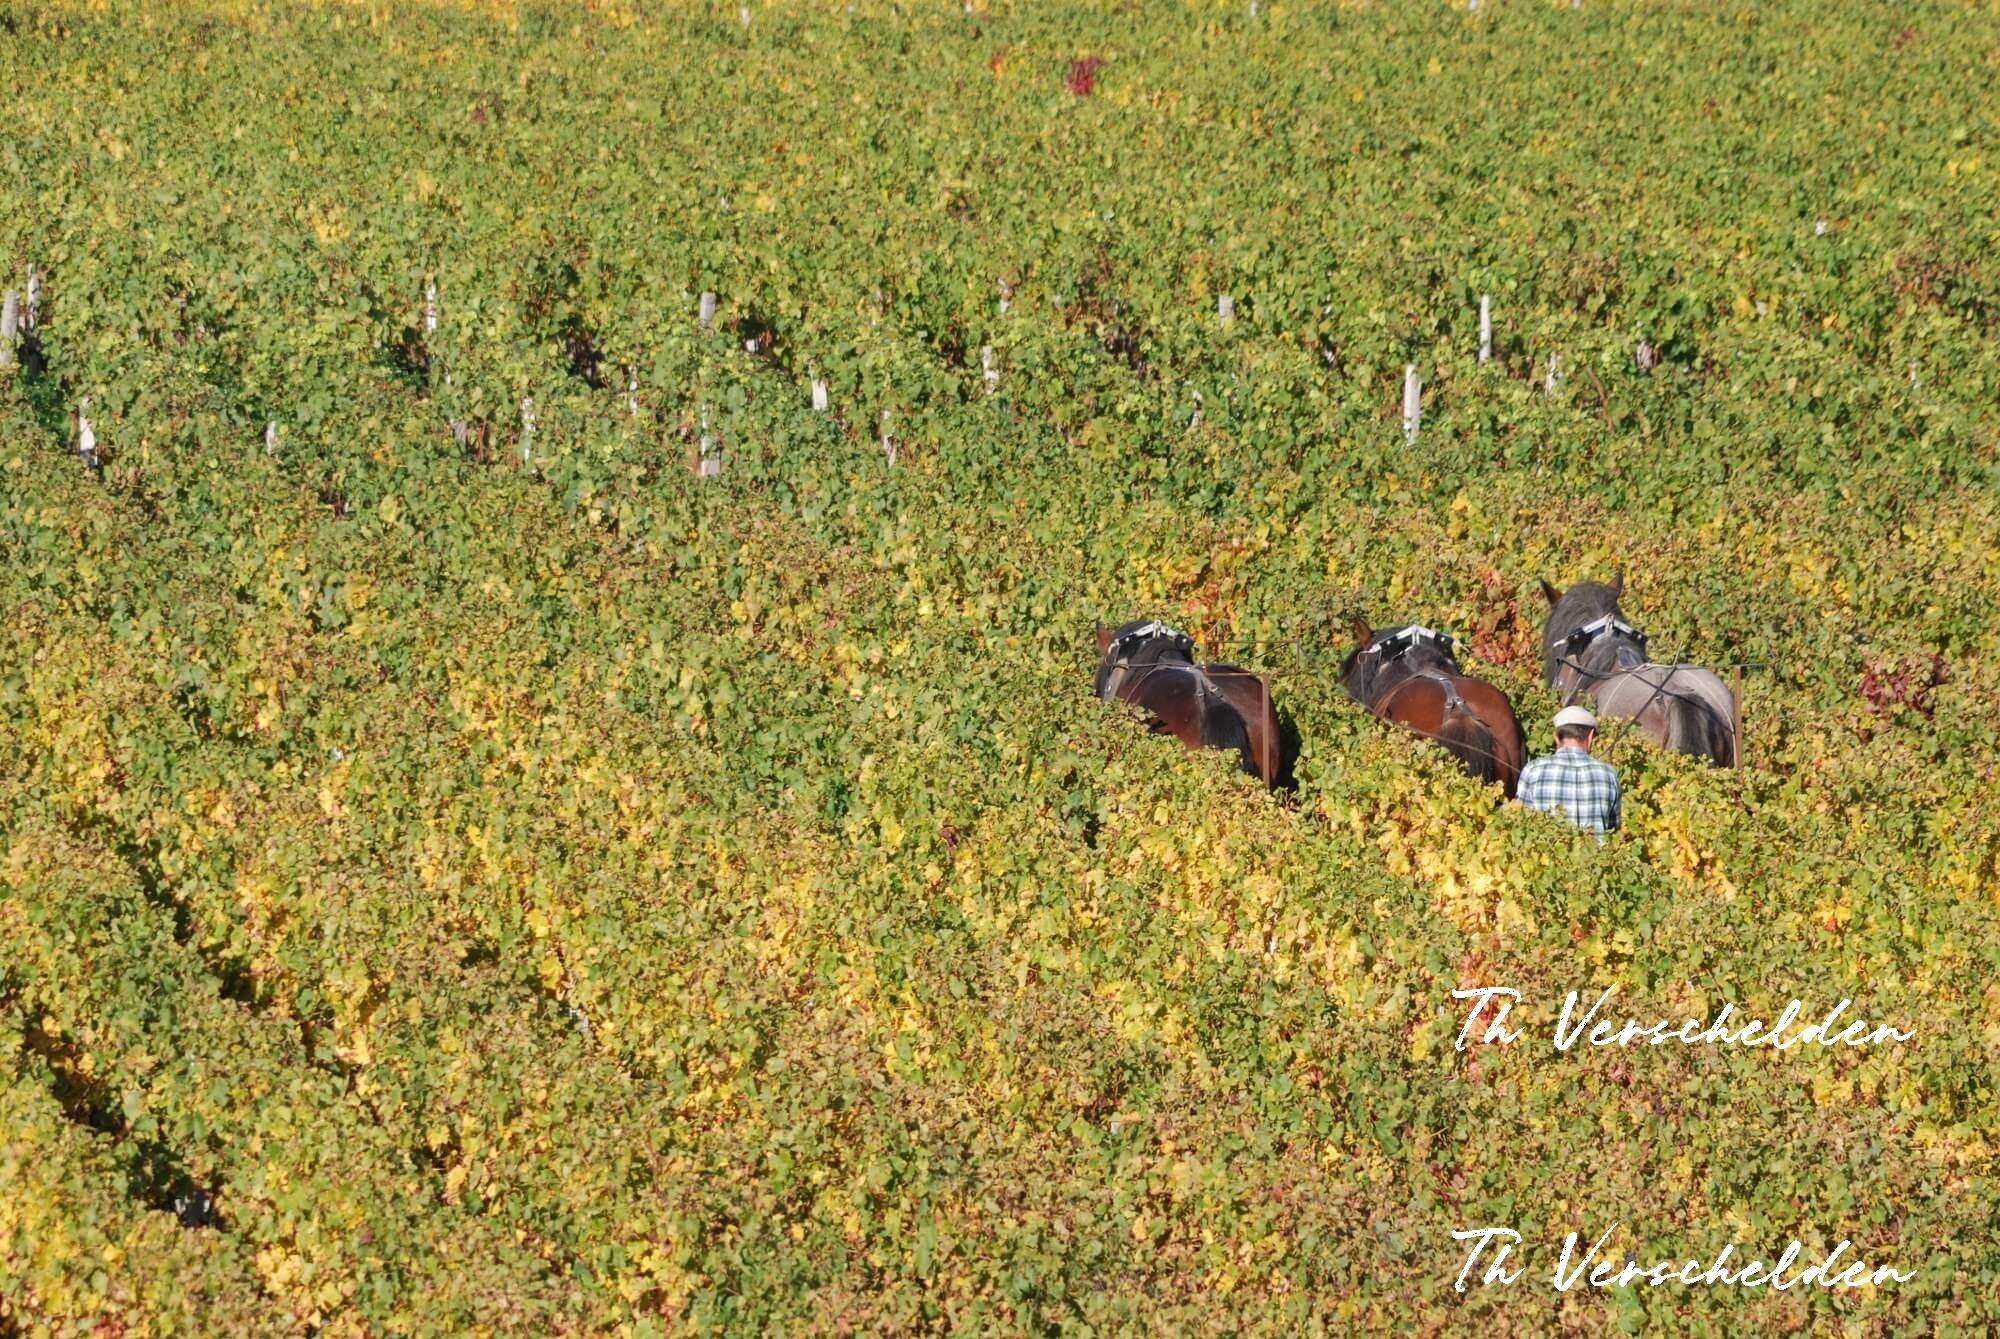 Cheval-et-vigne.fr